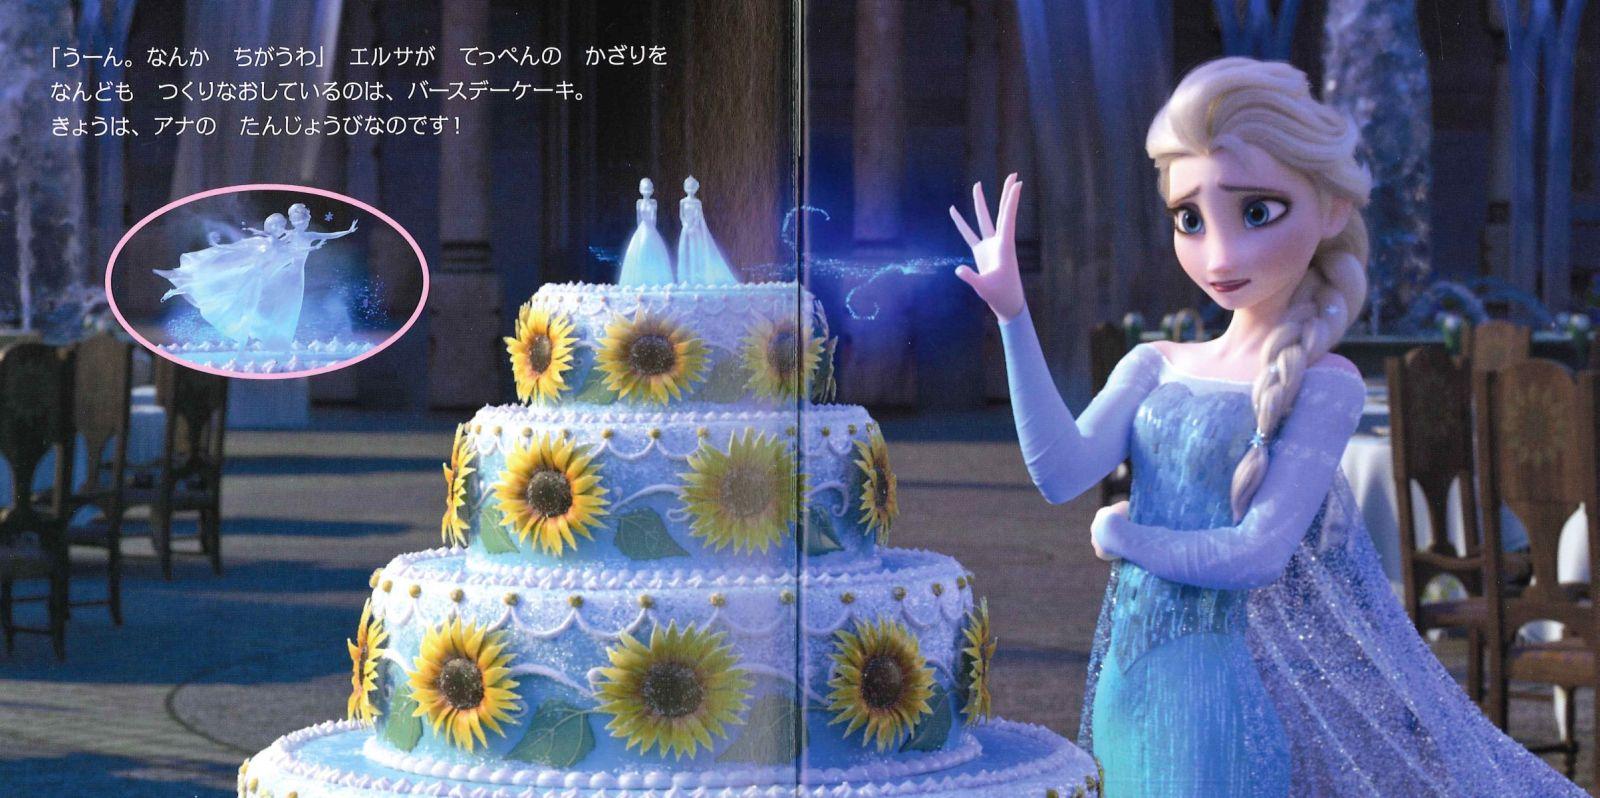 アナと雪の女王 エルサのサプライズの画像 p1_25